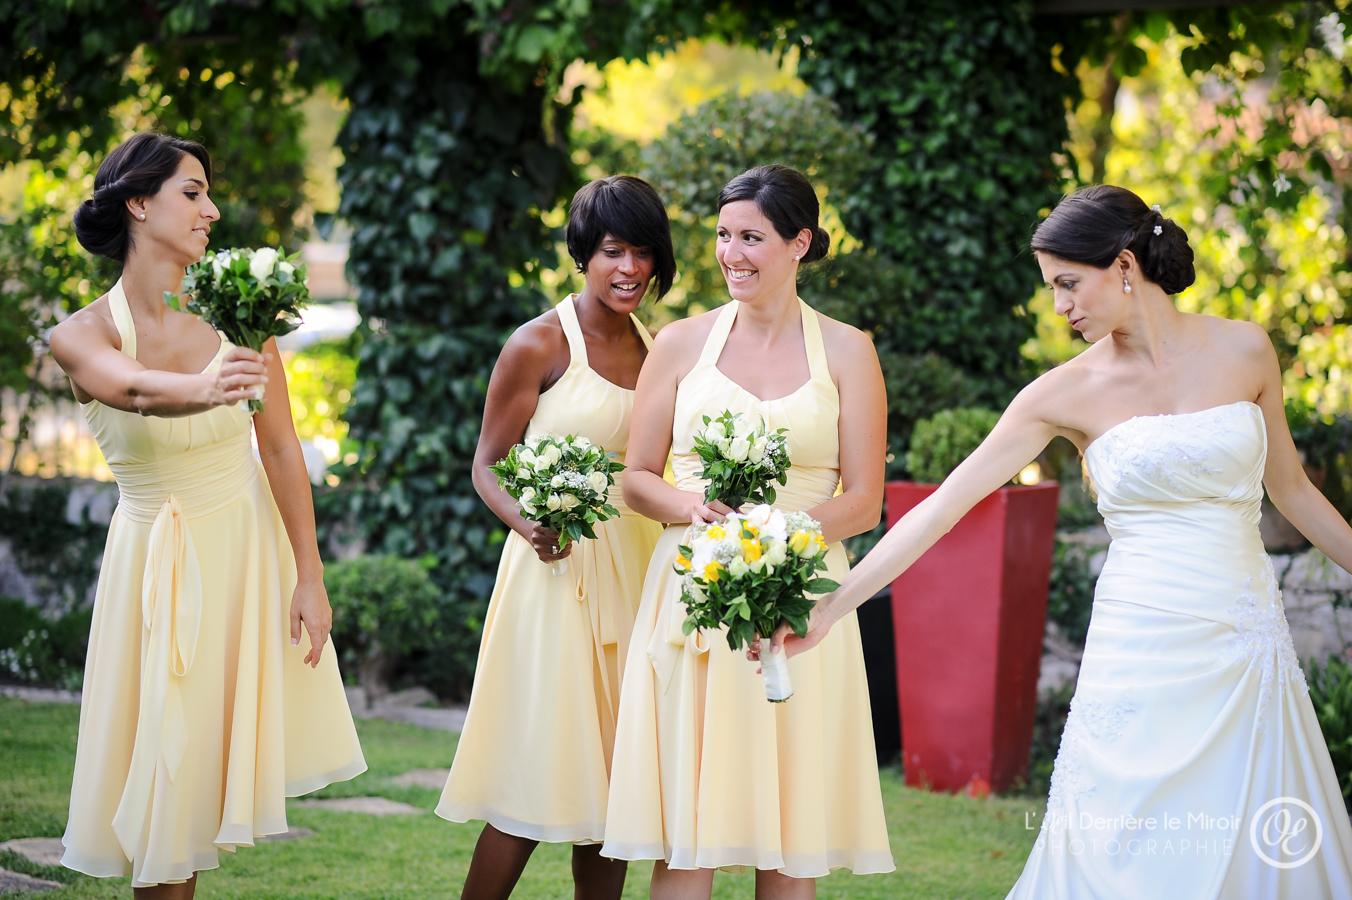 photographe-mariage-villeneuve-loubet-093